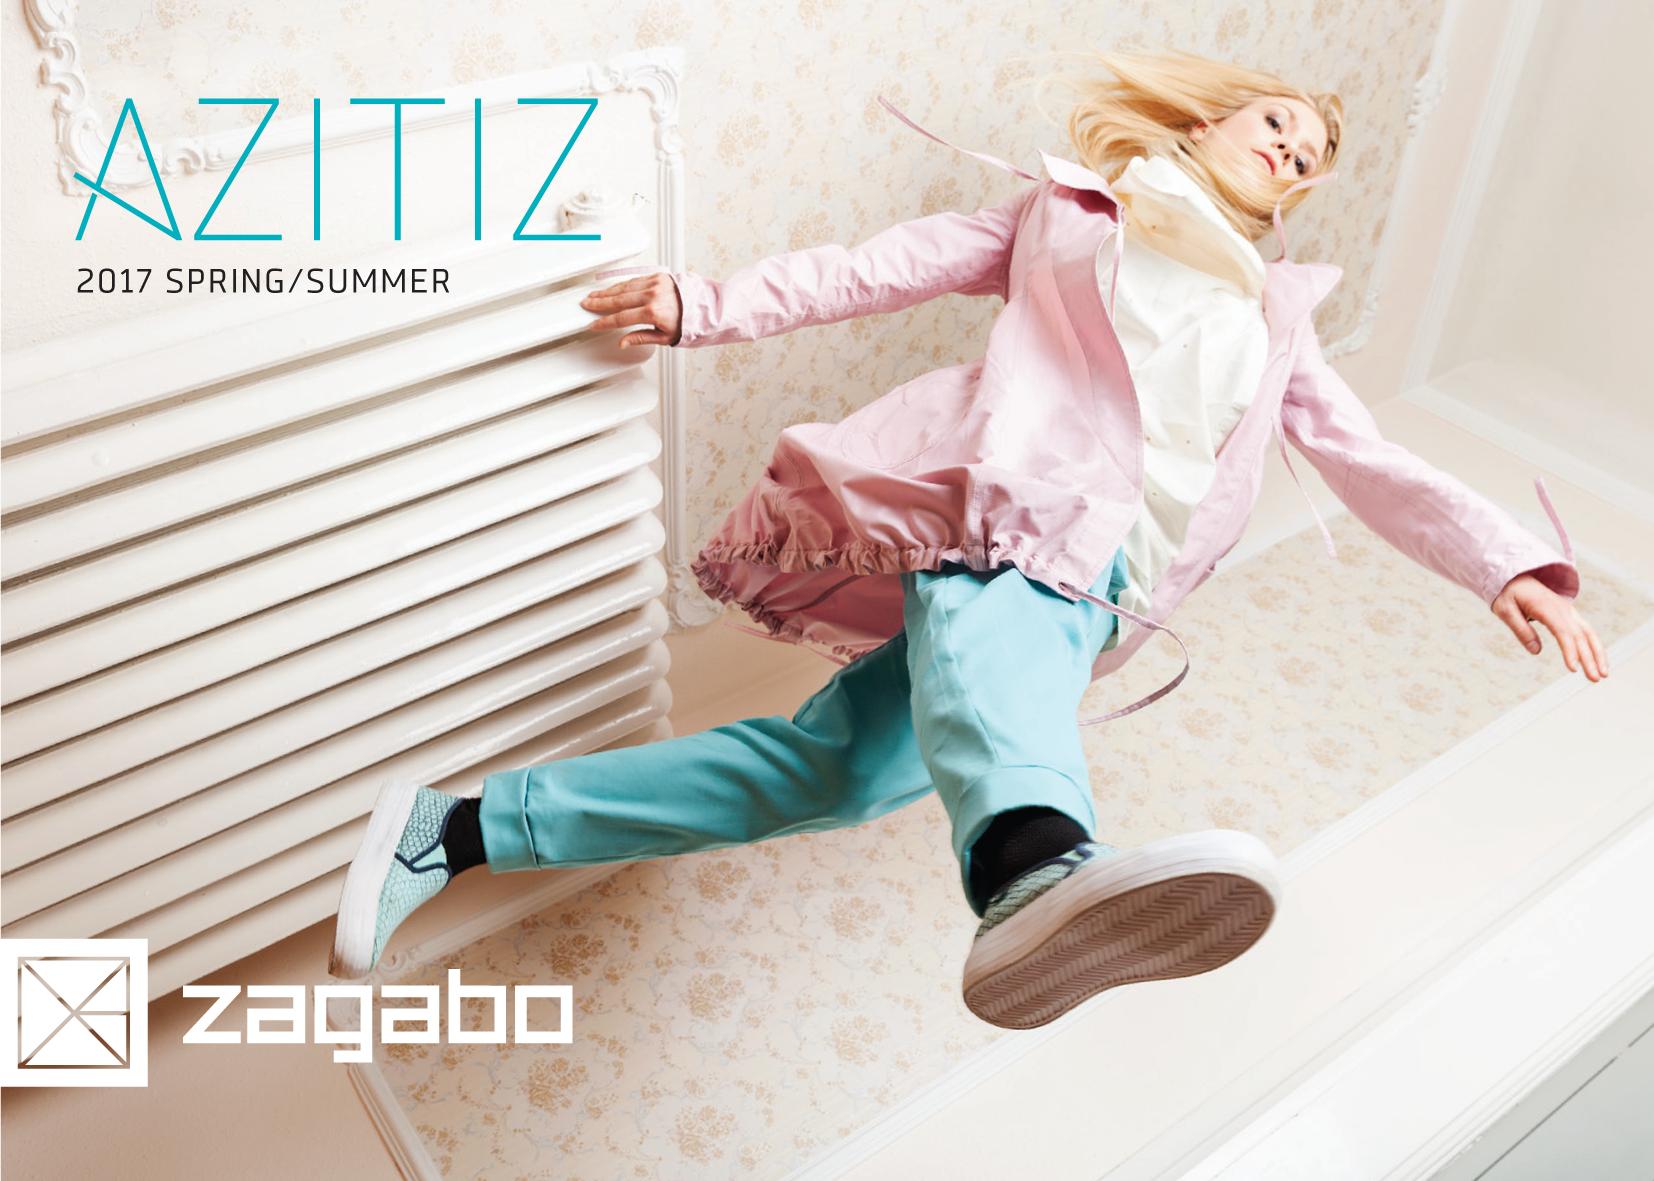 A ZAGABO prémium streetfashion márkát Szabó Gabi tervező alapította. A hamisítatlan ZAGABO stílus önálló utat mutat a divat világában, és azoknak a nőknek és férfiaknak szól, akik a sikkes párizsi és lezserebb New York-i vonal ötvözésével szeretnék kifejezni saját személyiségüket.<br />A ZAGABO új kategóriát alkotott designer esőkabátjaival, amelyek egyszerre stílusosak és funkcionálisak. Hagyományaihoz hűen a ZAGABO valamennyi szezonális kollekciójához új esőkabát-verziót tervez, így mára számtalan szabású és hosszúságú ZAGABO esőkabát közül választhat a vásárló, amelyek szinte végtelen színkombinációkban készülnek. A ZAGABO designer esőkabátok a vásárlók és a fashion bloggerek jóvoltából, már az egész világot bejárták, mindenütt stílusos megjelenést biztosítva viselőjüknek zordabb időjárás  mellett is.<br />A designer öveket felvonultató STRAPPS termékvonal megtervezését az a cél vezérelte, hogy viselőjüknek egy olyan egyszerűen és sokoldalúan használható kiegészítőt biztosítson a márka, amelyekkel feldobhatják a mindennapok szettjeit. A mozaikos STRAPPS designer övek színt és lendületes designt visznek az egyszínű öltözékekbe, hogy mindenki kedvére állíthasson össze újabb és újabb outfiteket. A STRAPPS designer övek számtalan mintával kaphatóak, amelyek különböző textilekből és bizonyos esetekben valódi bőrbetétekből készülnek. A STRAPPS öv csípő és derékváltozatban is elérhető, az utóbbi két fajta szélességgel is.<br /><br />Model: Kurta Niké<br />Photo: Tamas Kovacs photography<br />Mua: Judit Kökény @ OnoOno<br />Hair: Matócsi Tibor <br /><br />További információ: <br />www.zagabo.com<br />www.facebook.com/zagabo<br />instagram: zagabodesign<br />email:info@zagabo.com